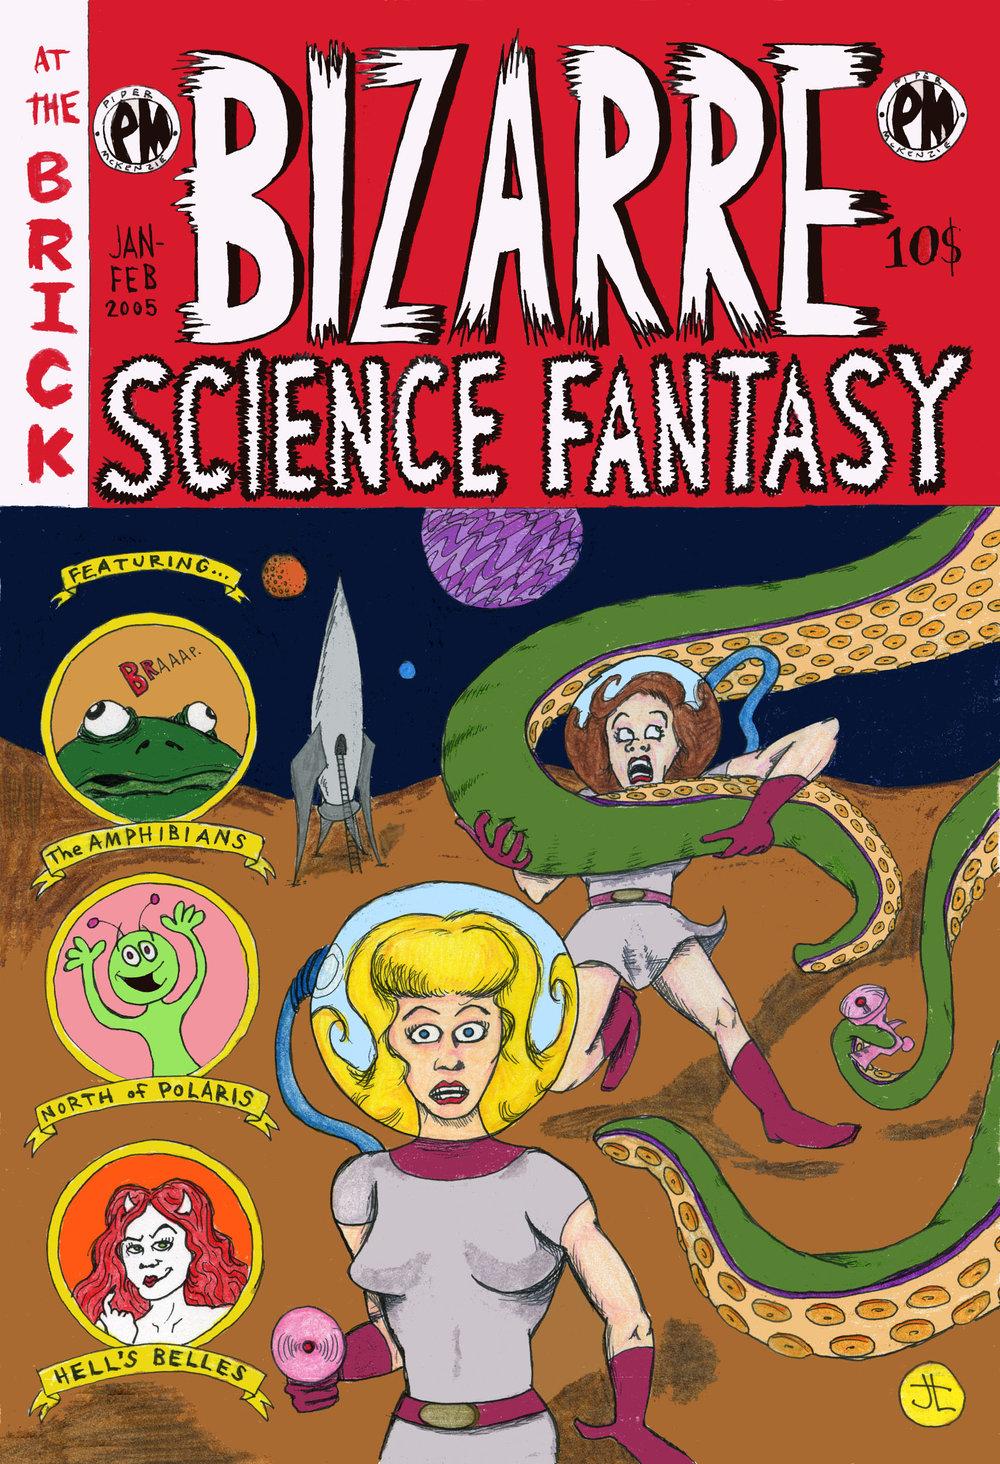 BIZARRE SCIENCE FANTASY